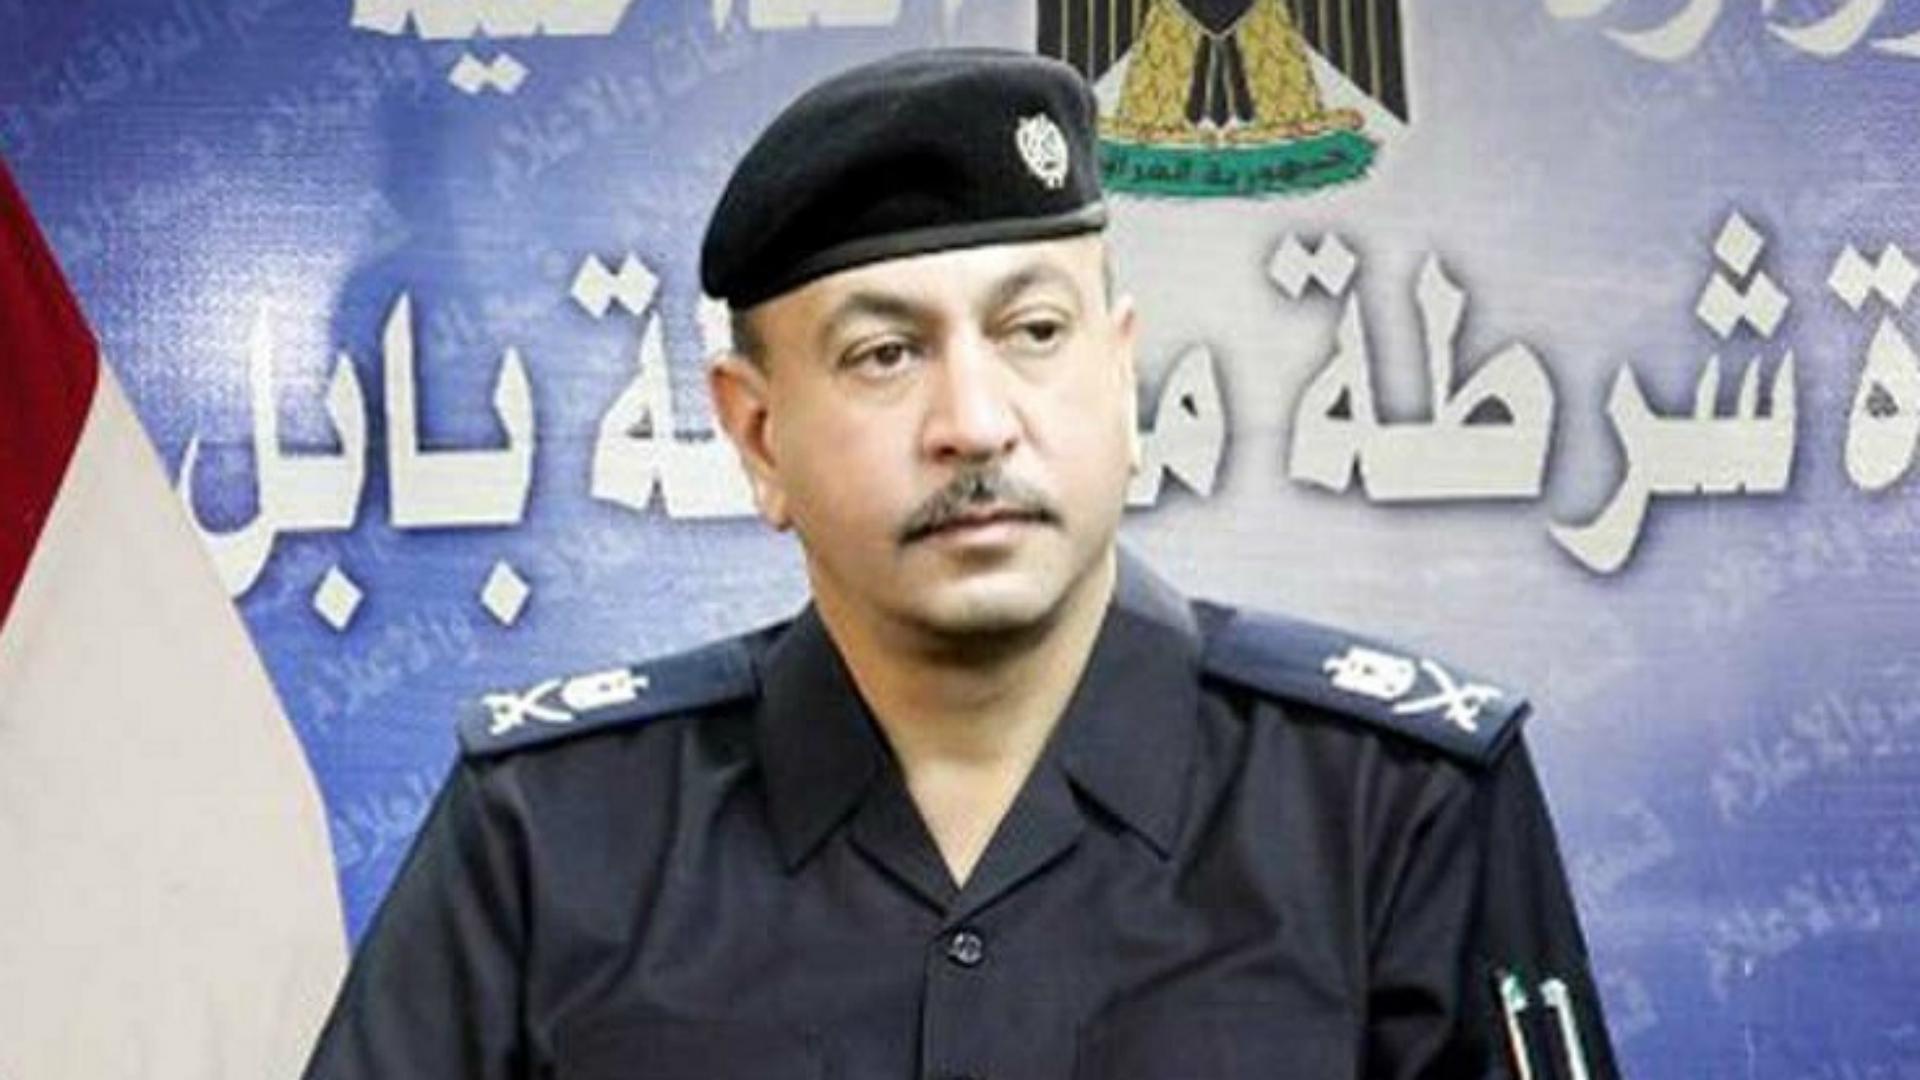 قائد شرطة بابل يلوح باستقالته إن لم تعد التظاهرات إلى مسارها السلمي